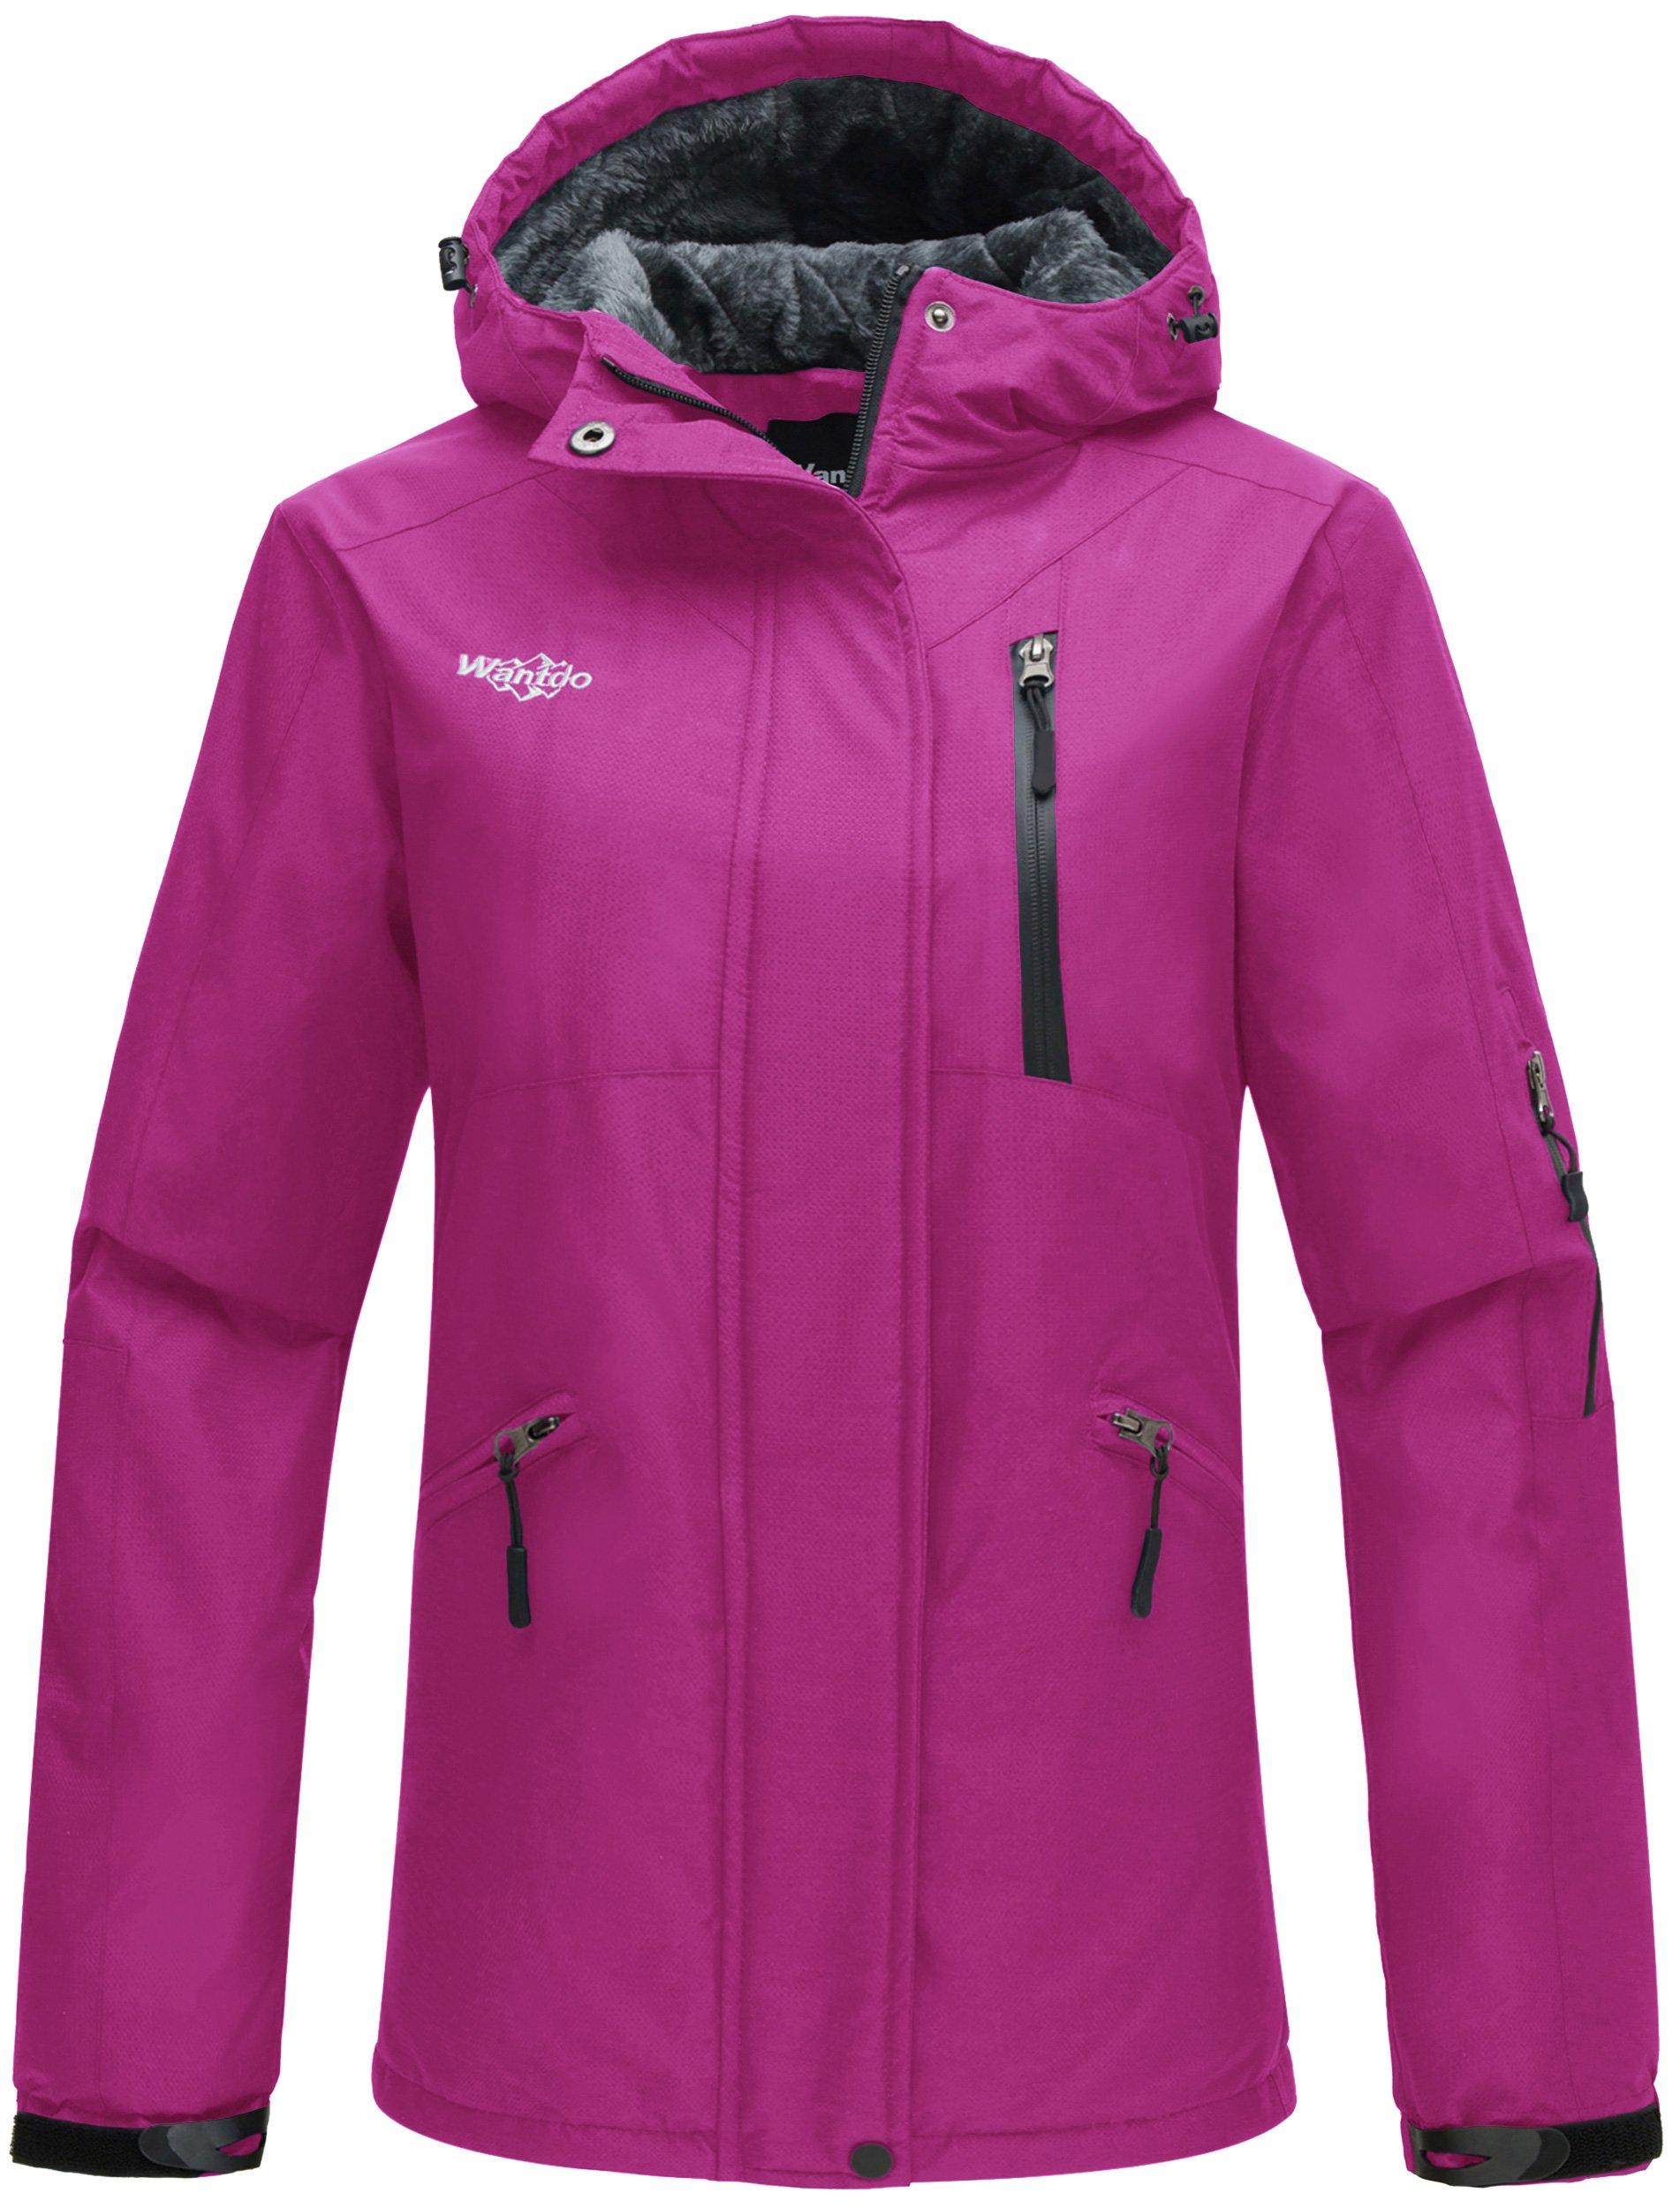 Wantdo Women's Hooded Windproof Ski Jacket Fleece Winter Coat Rose Red US X-Large